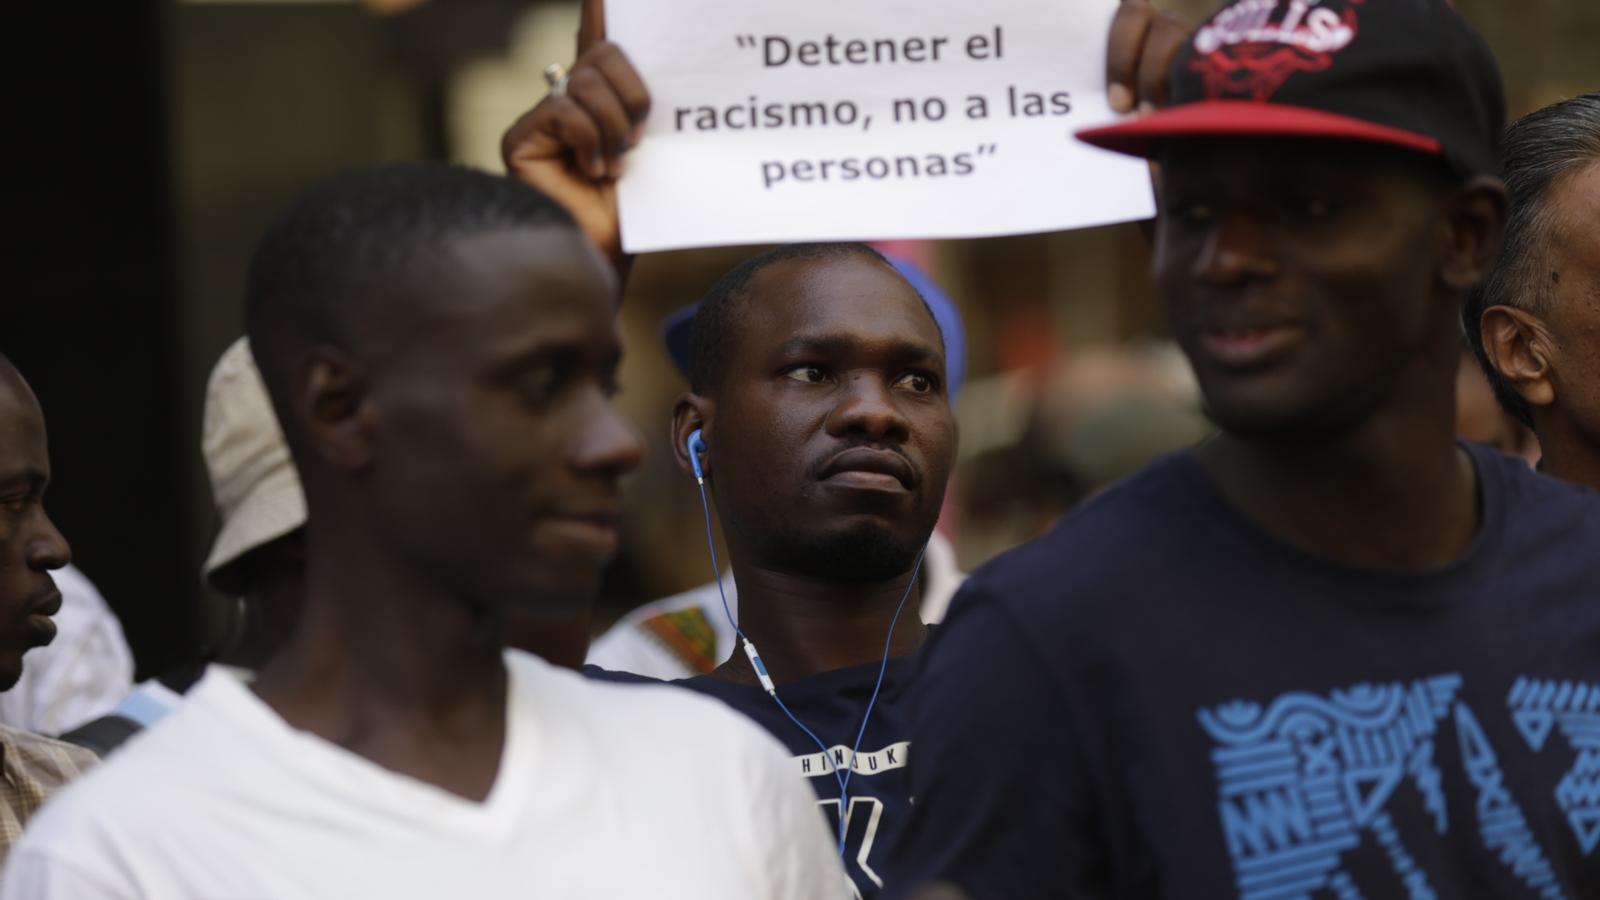 Un dels manifestants demana llibertat per un company